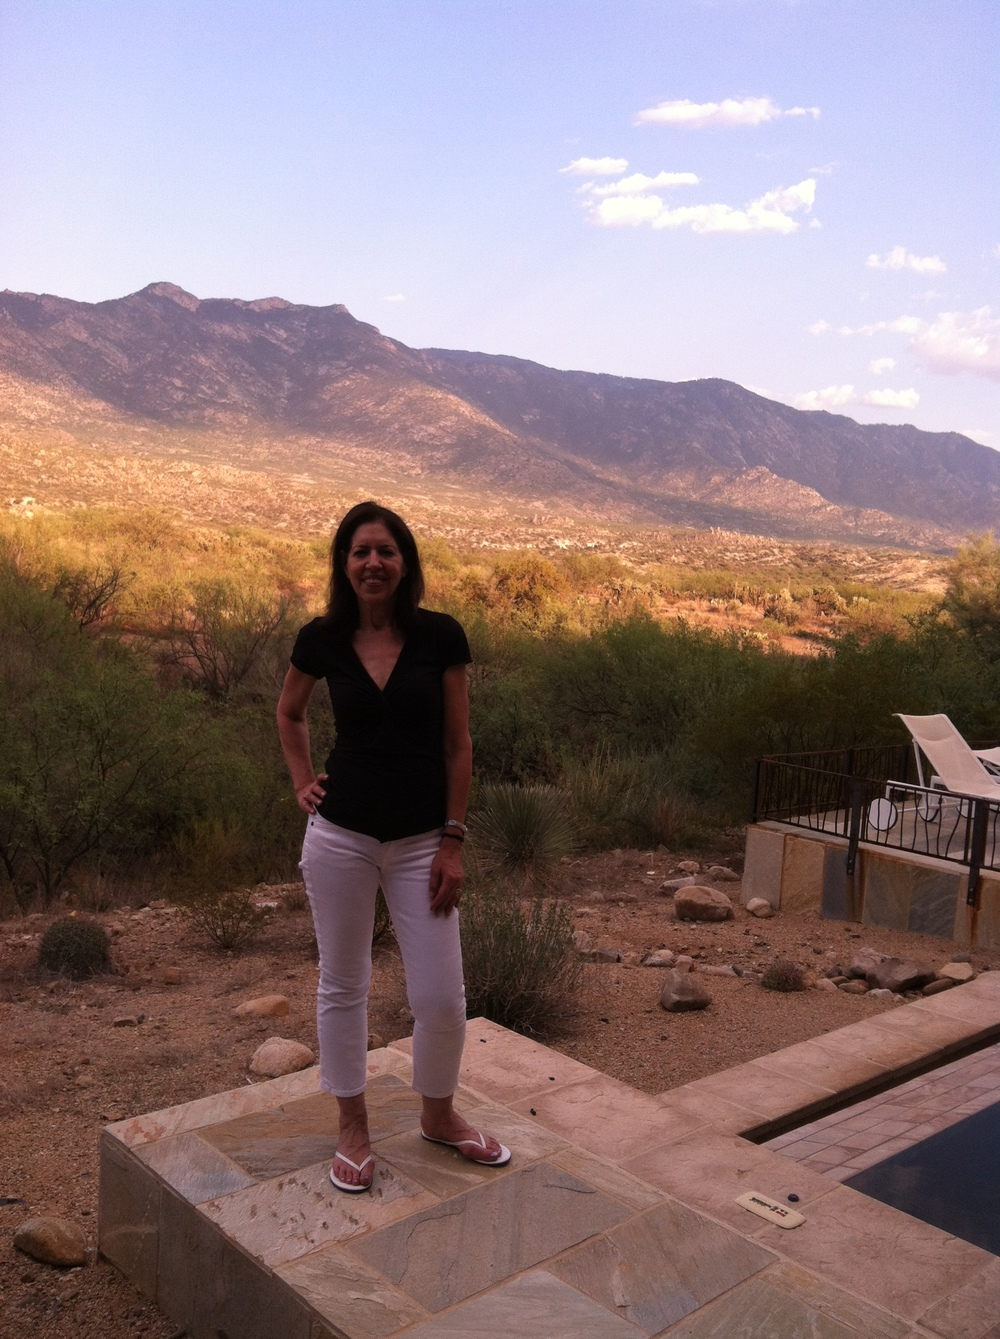 Miraval- Tucson, AZ